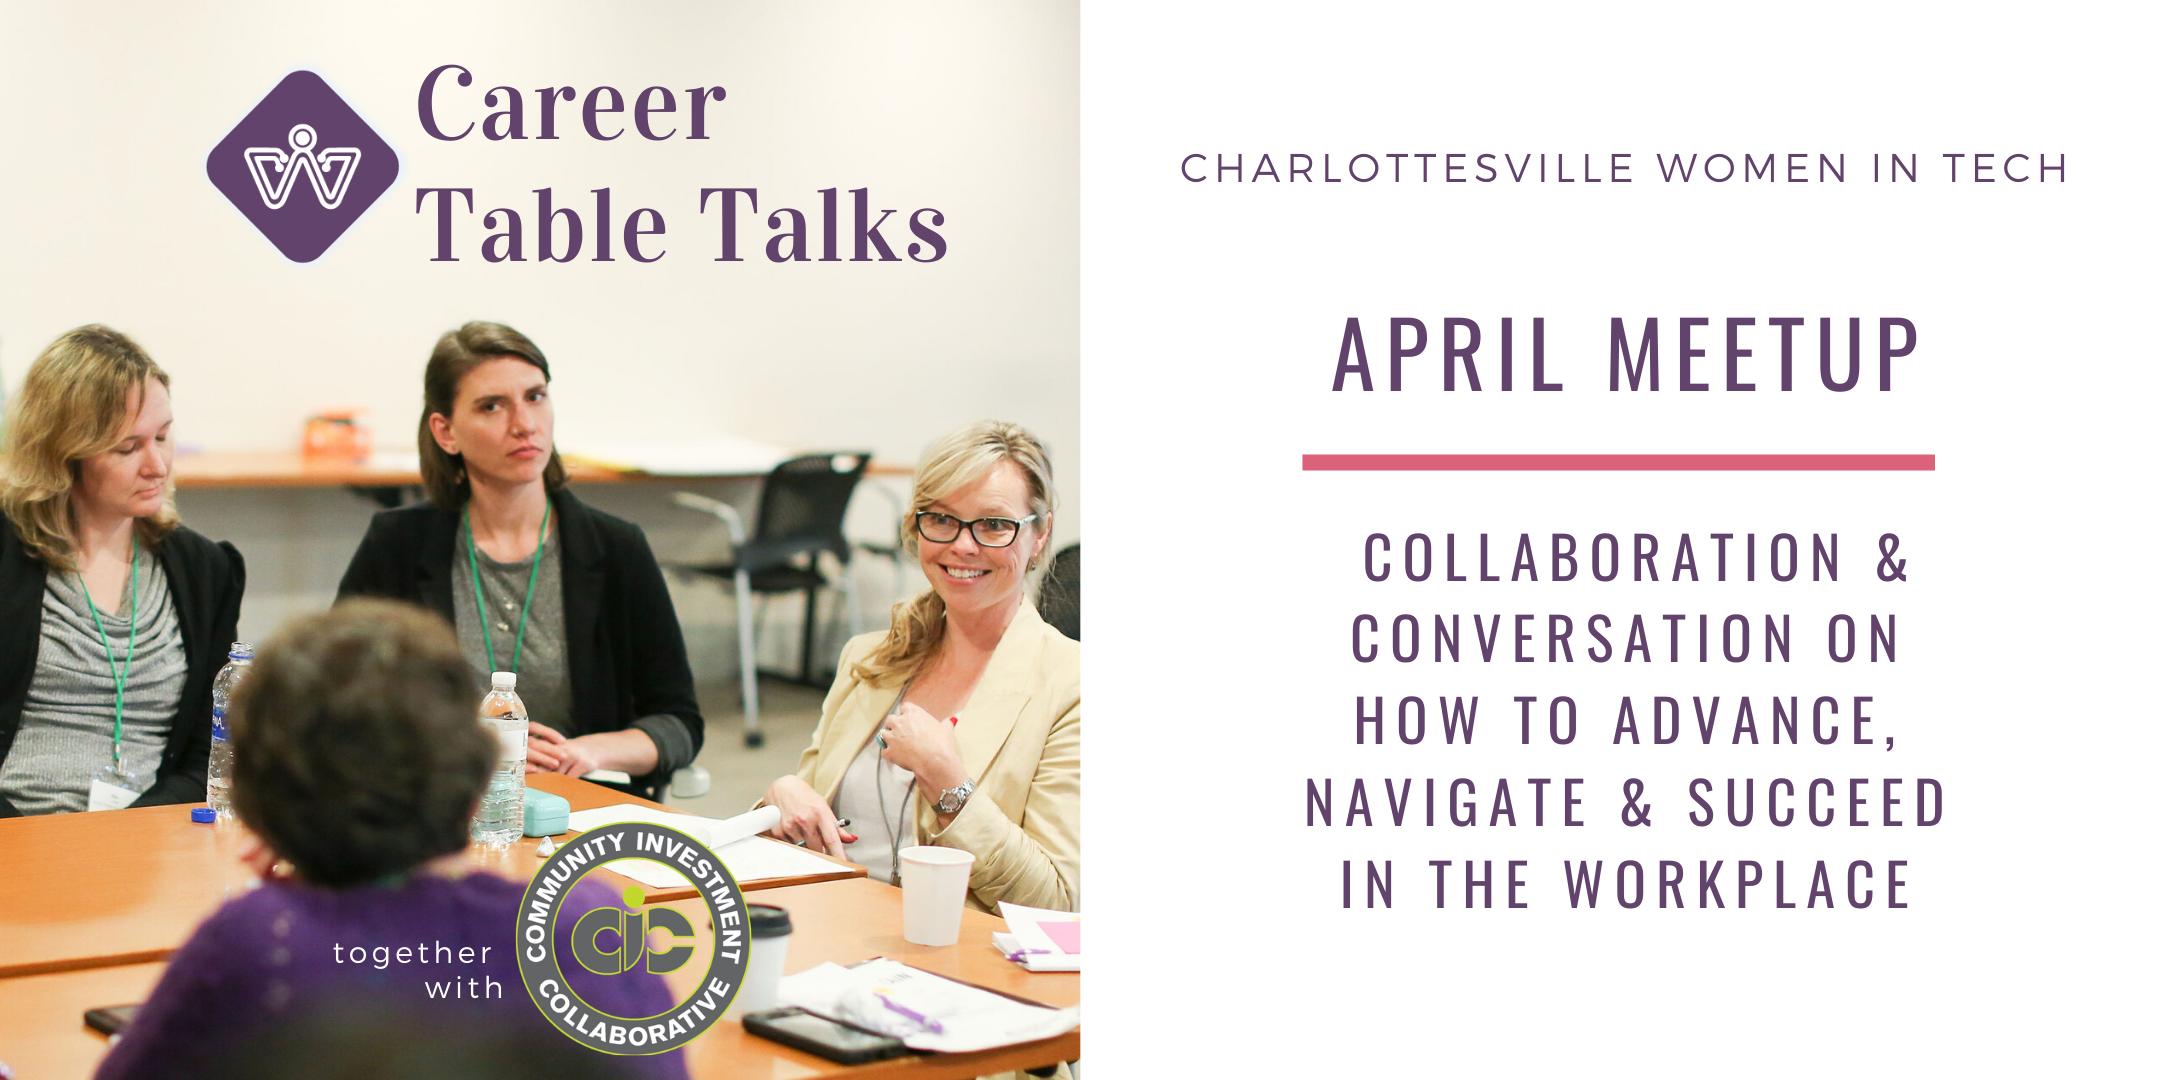 Career Table Talks